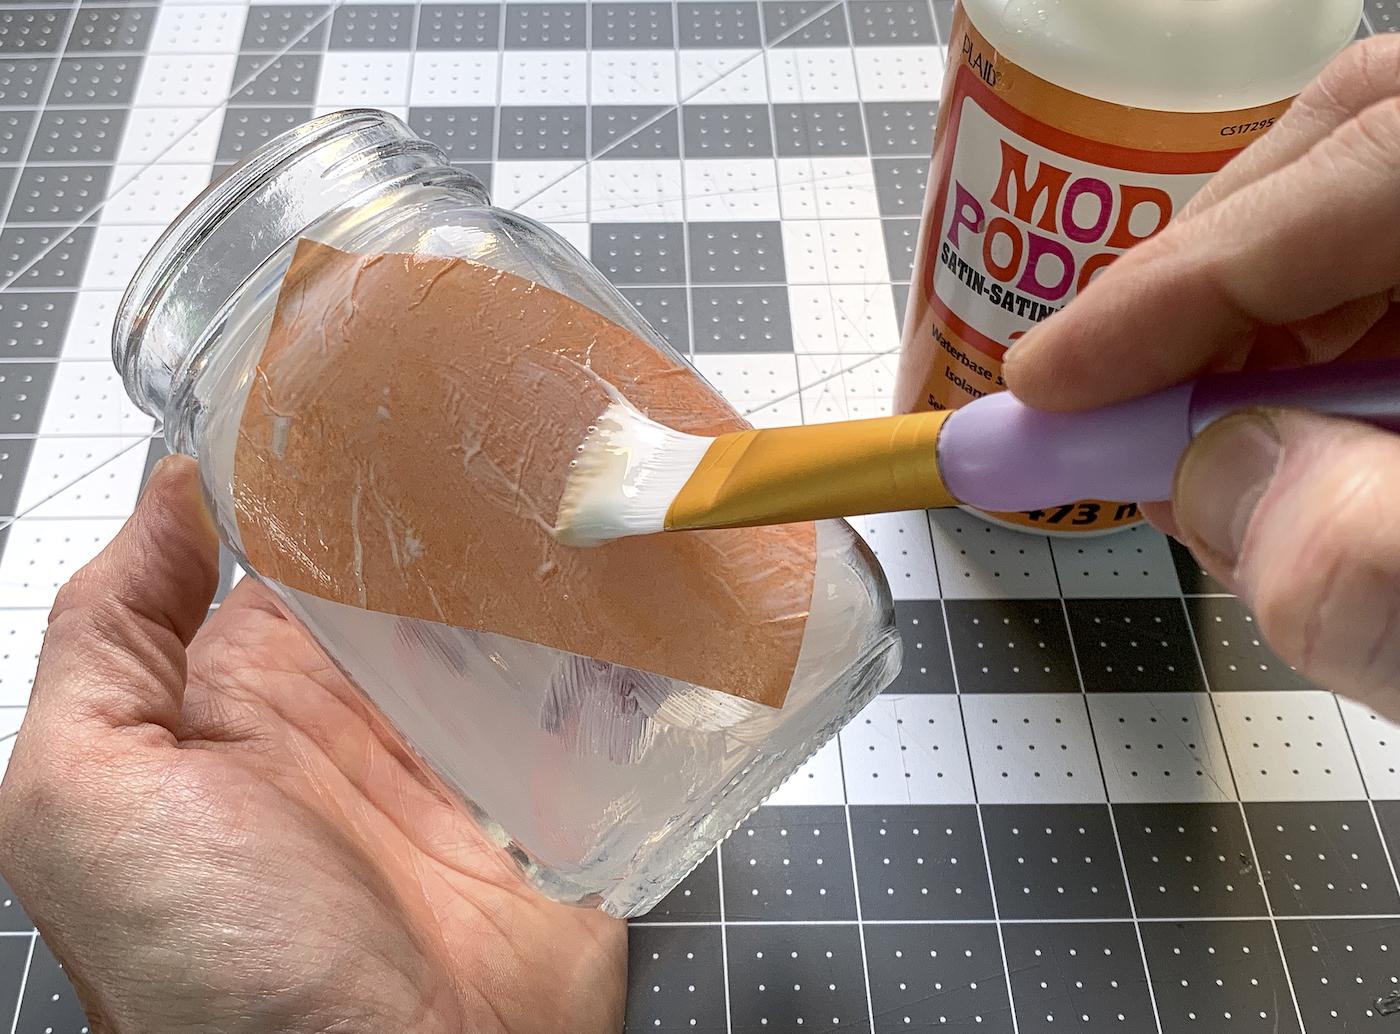 Pintando Mod Podge em cima de um pedaço de papel de seda laranja com um pincel